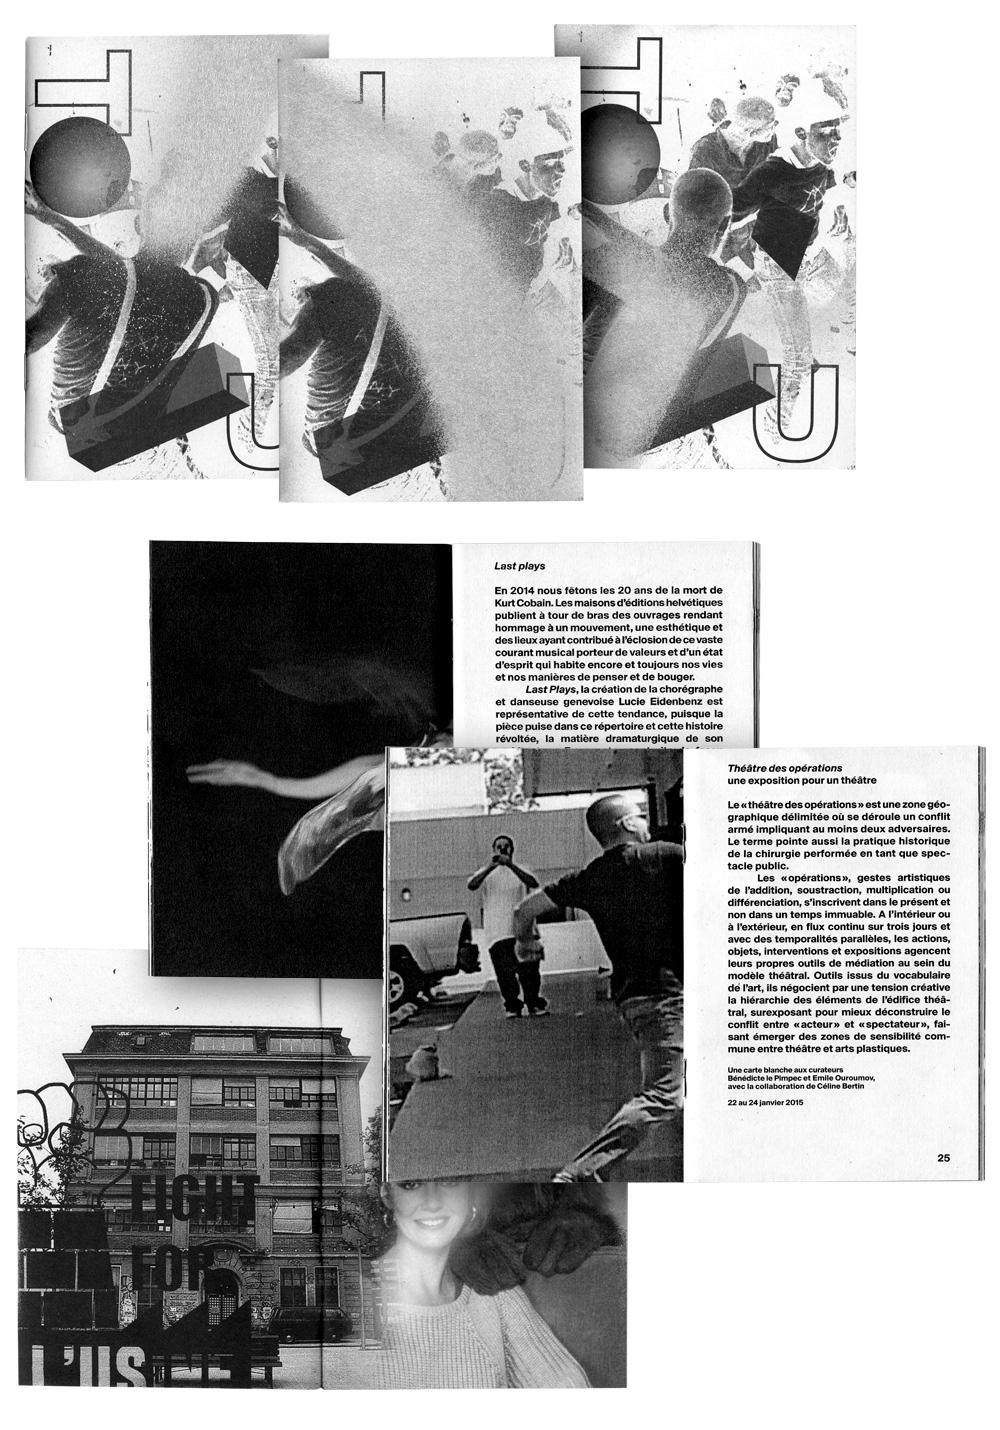 AMI-TU-programme-1415